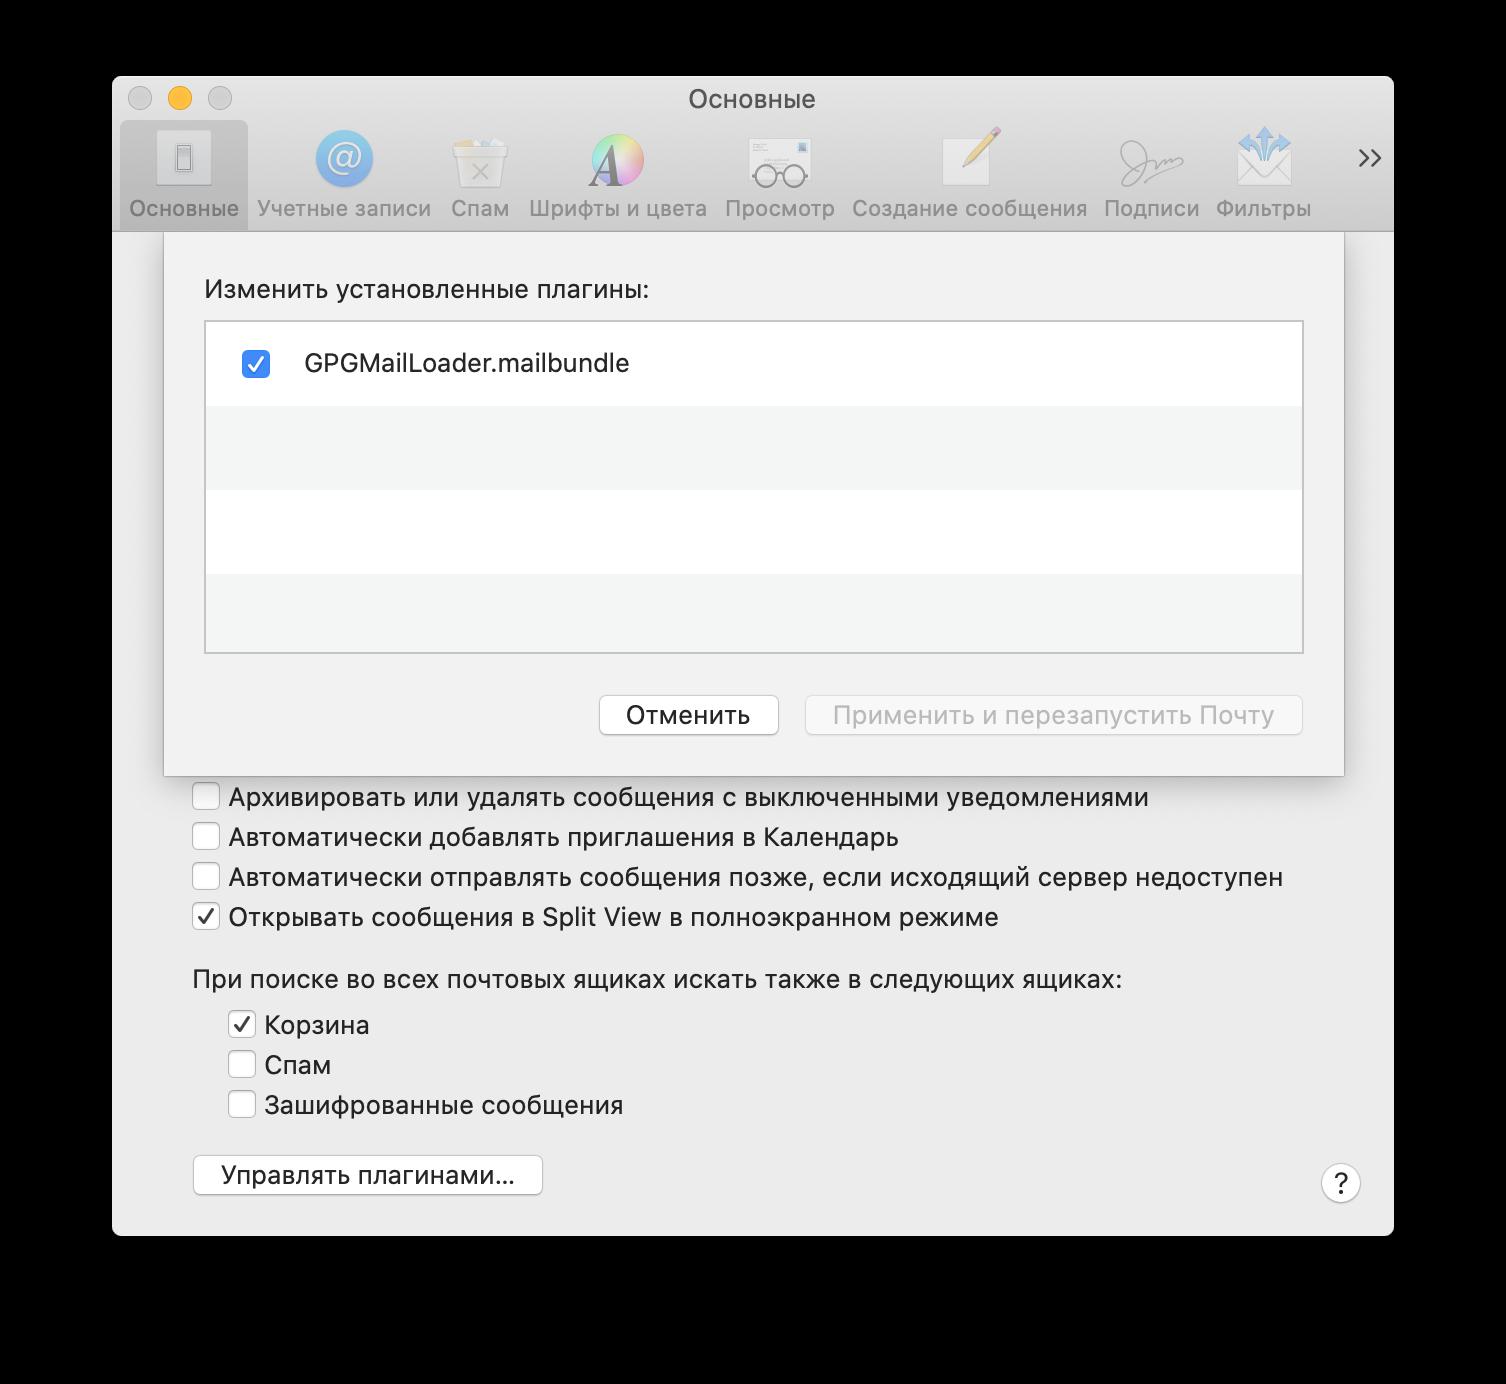 Как зашифровать почту и сделать электронную подпись | GeekBrains - образовательный портал